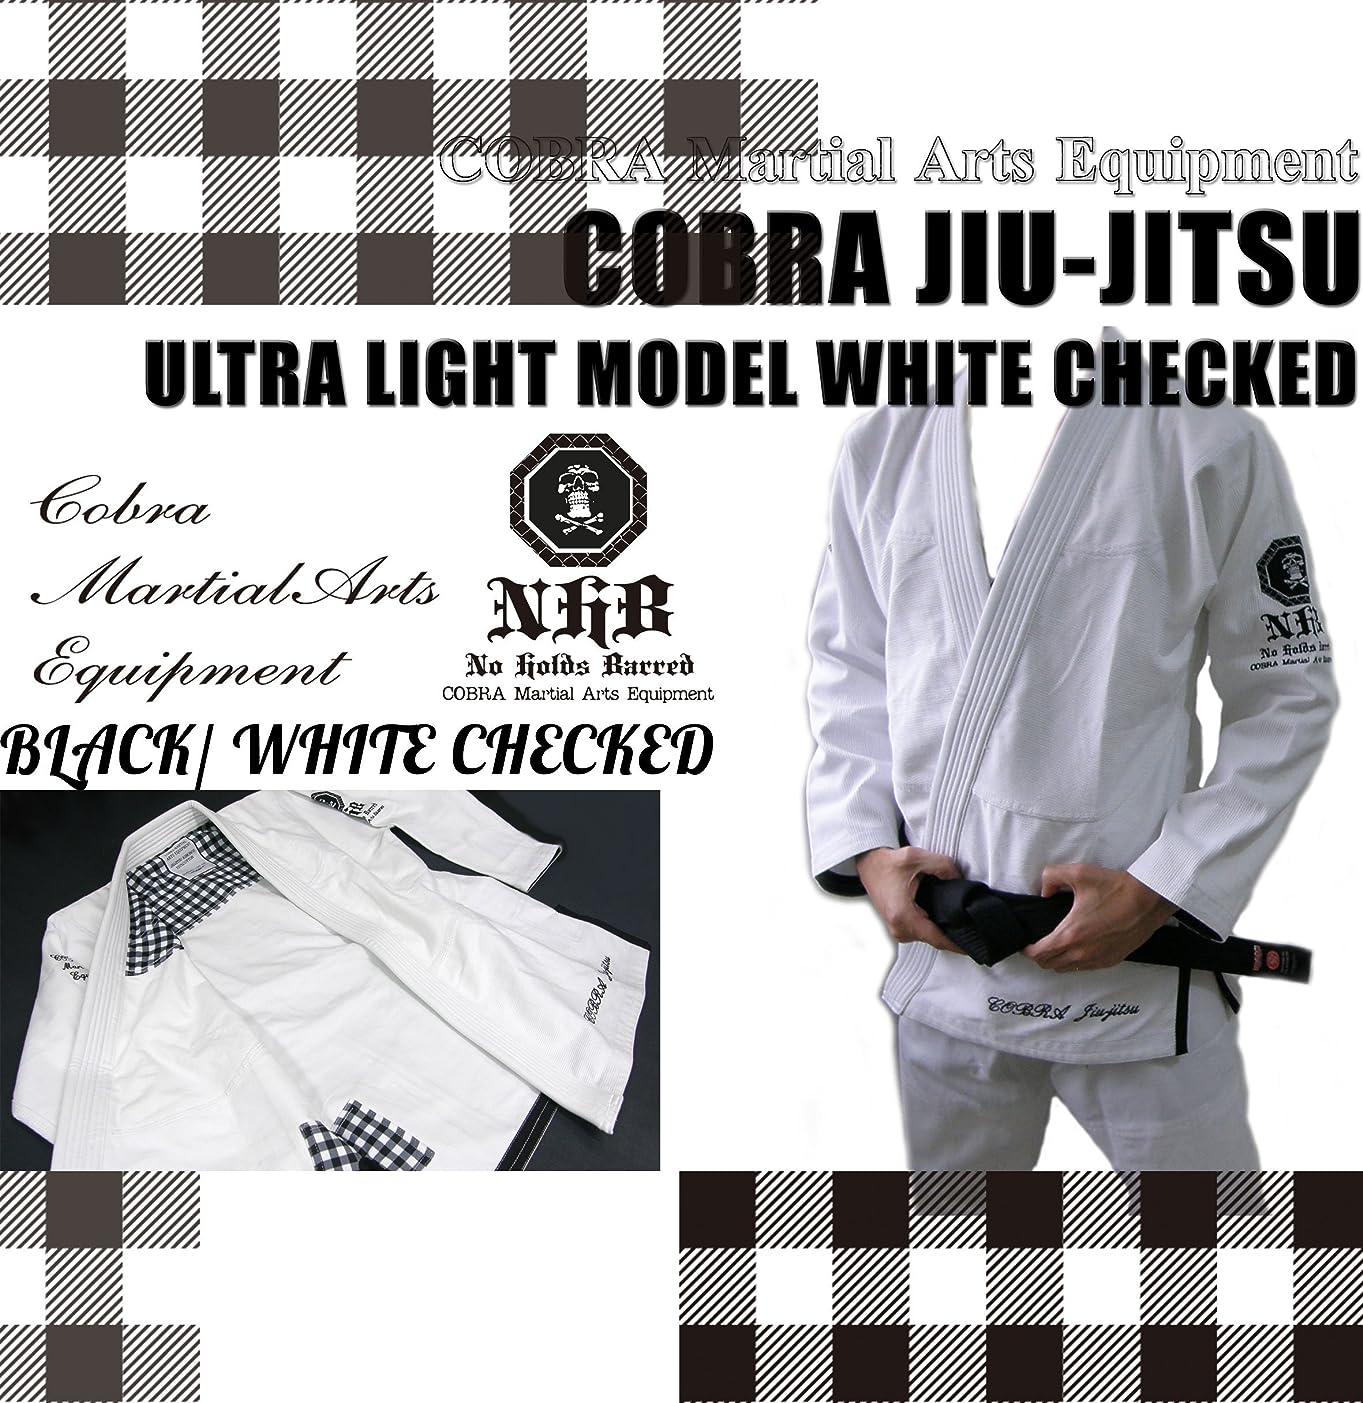 すすり泣き爆発批判的に柔術着 COBRA JIU-JITSU GI ULTRA LIGHT MODEL CHECK WHITE